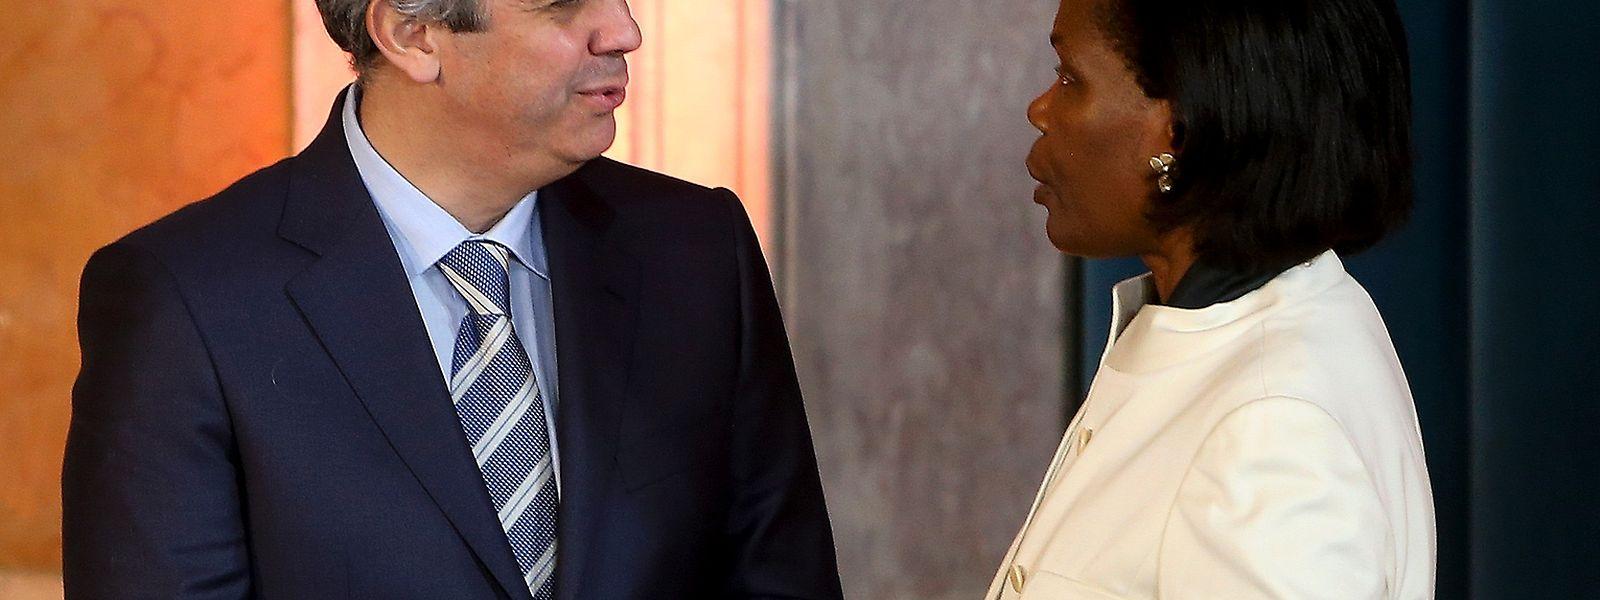 António Centeno, Ministro das Finanças, e Francisca Van Dunem, Ministra da Justiça